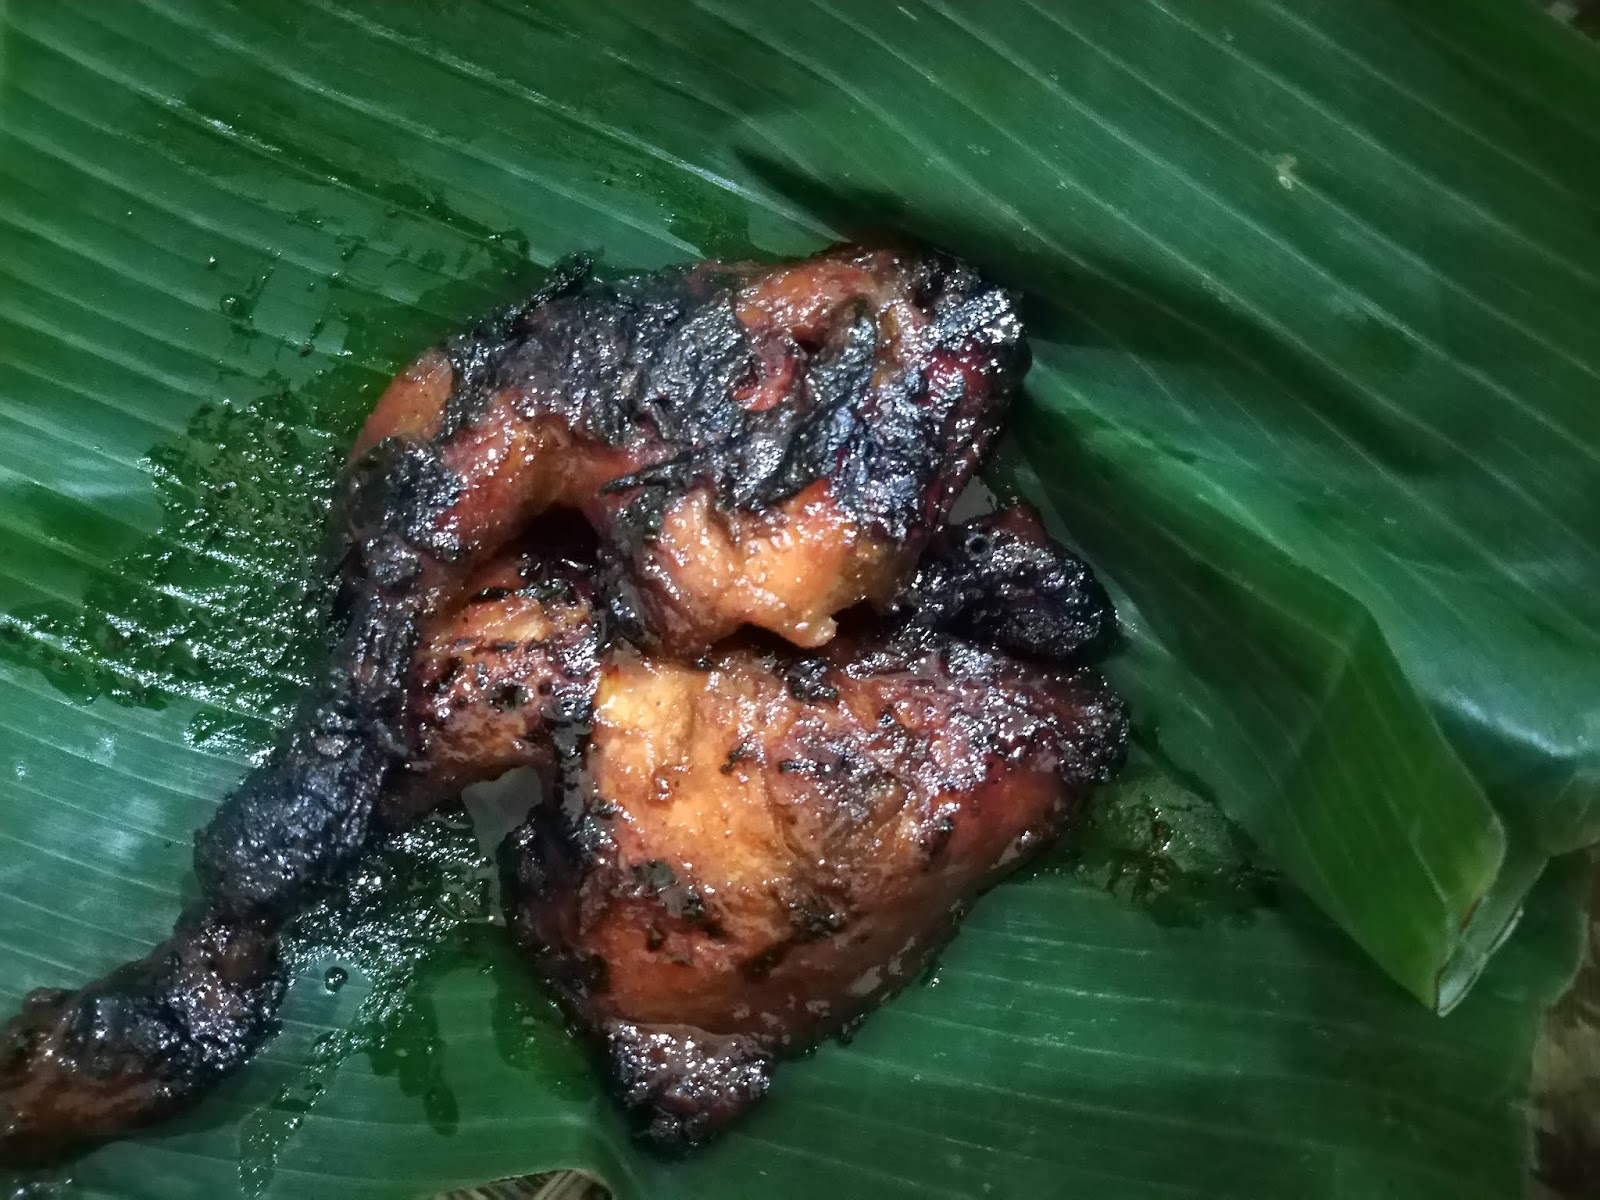 Peluang Bisnis Ayam Geprek Dan Analisis Modal Usaha Anginbisniss Com